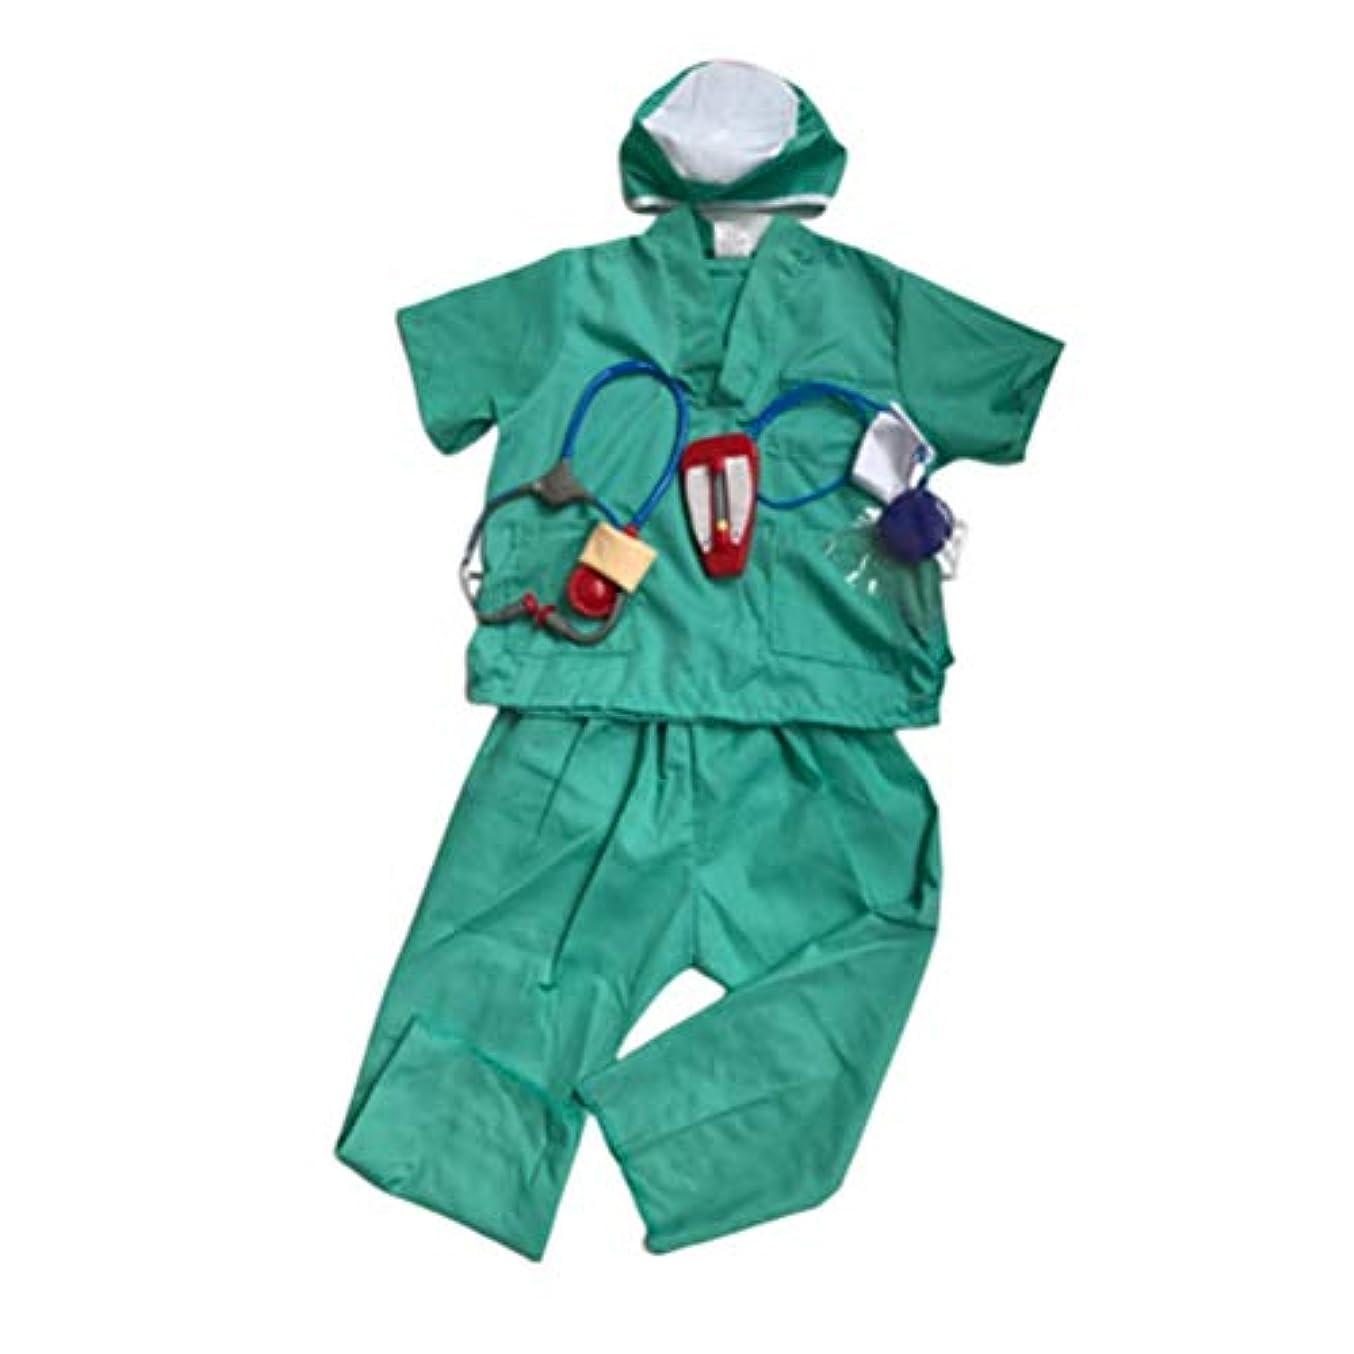 十分秘密のフィドルAmosfunドクターユニフォーム子供のための子供手術ガウンコスプレ衣装ロールプレイ衣装ハロウィン仮装パーティー